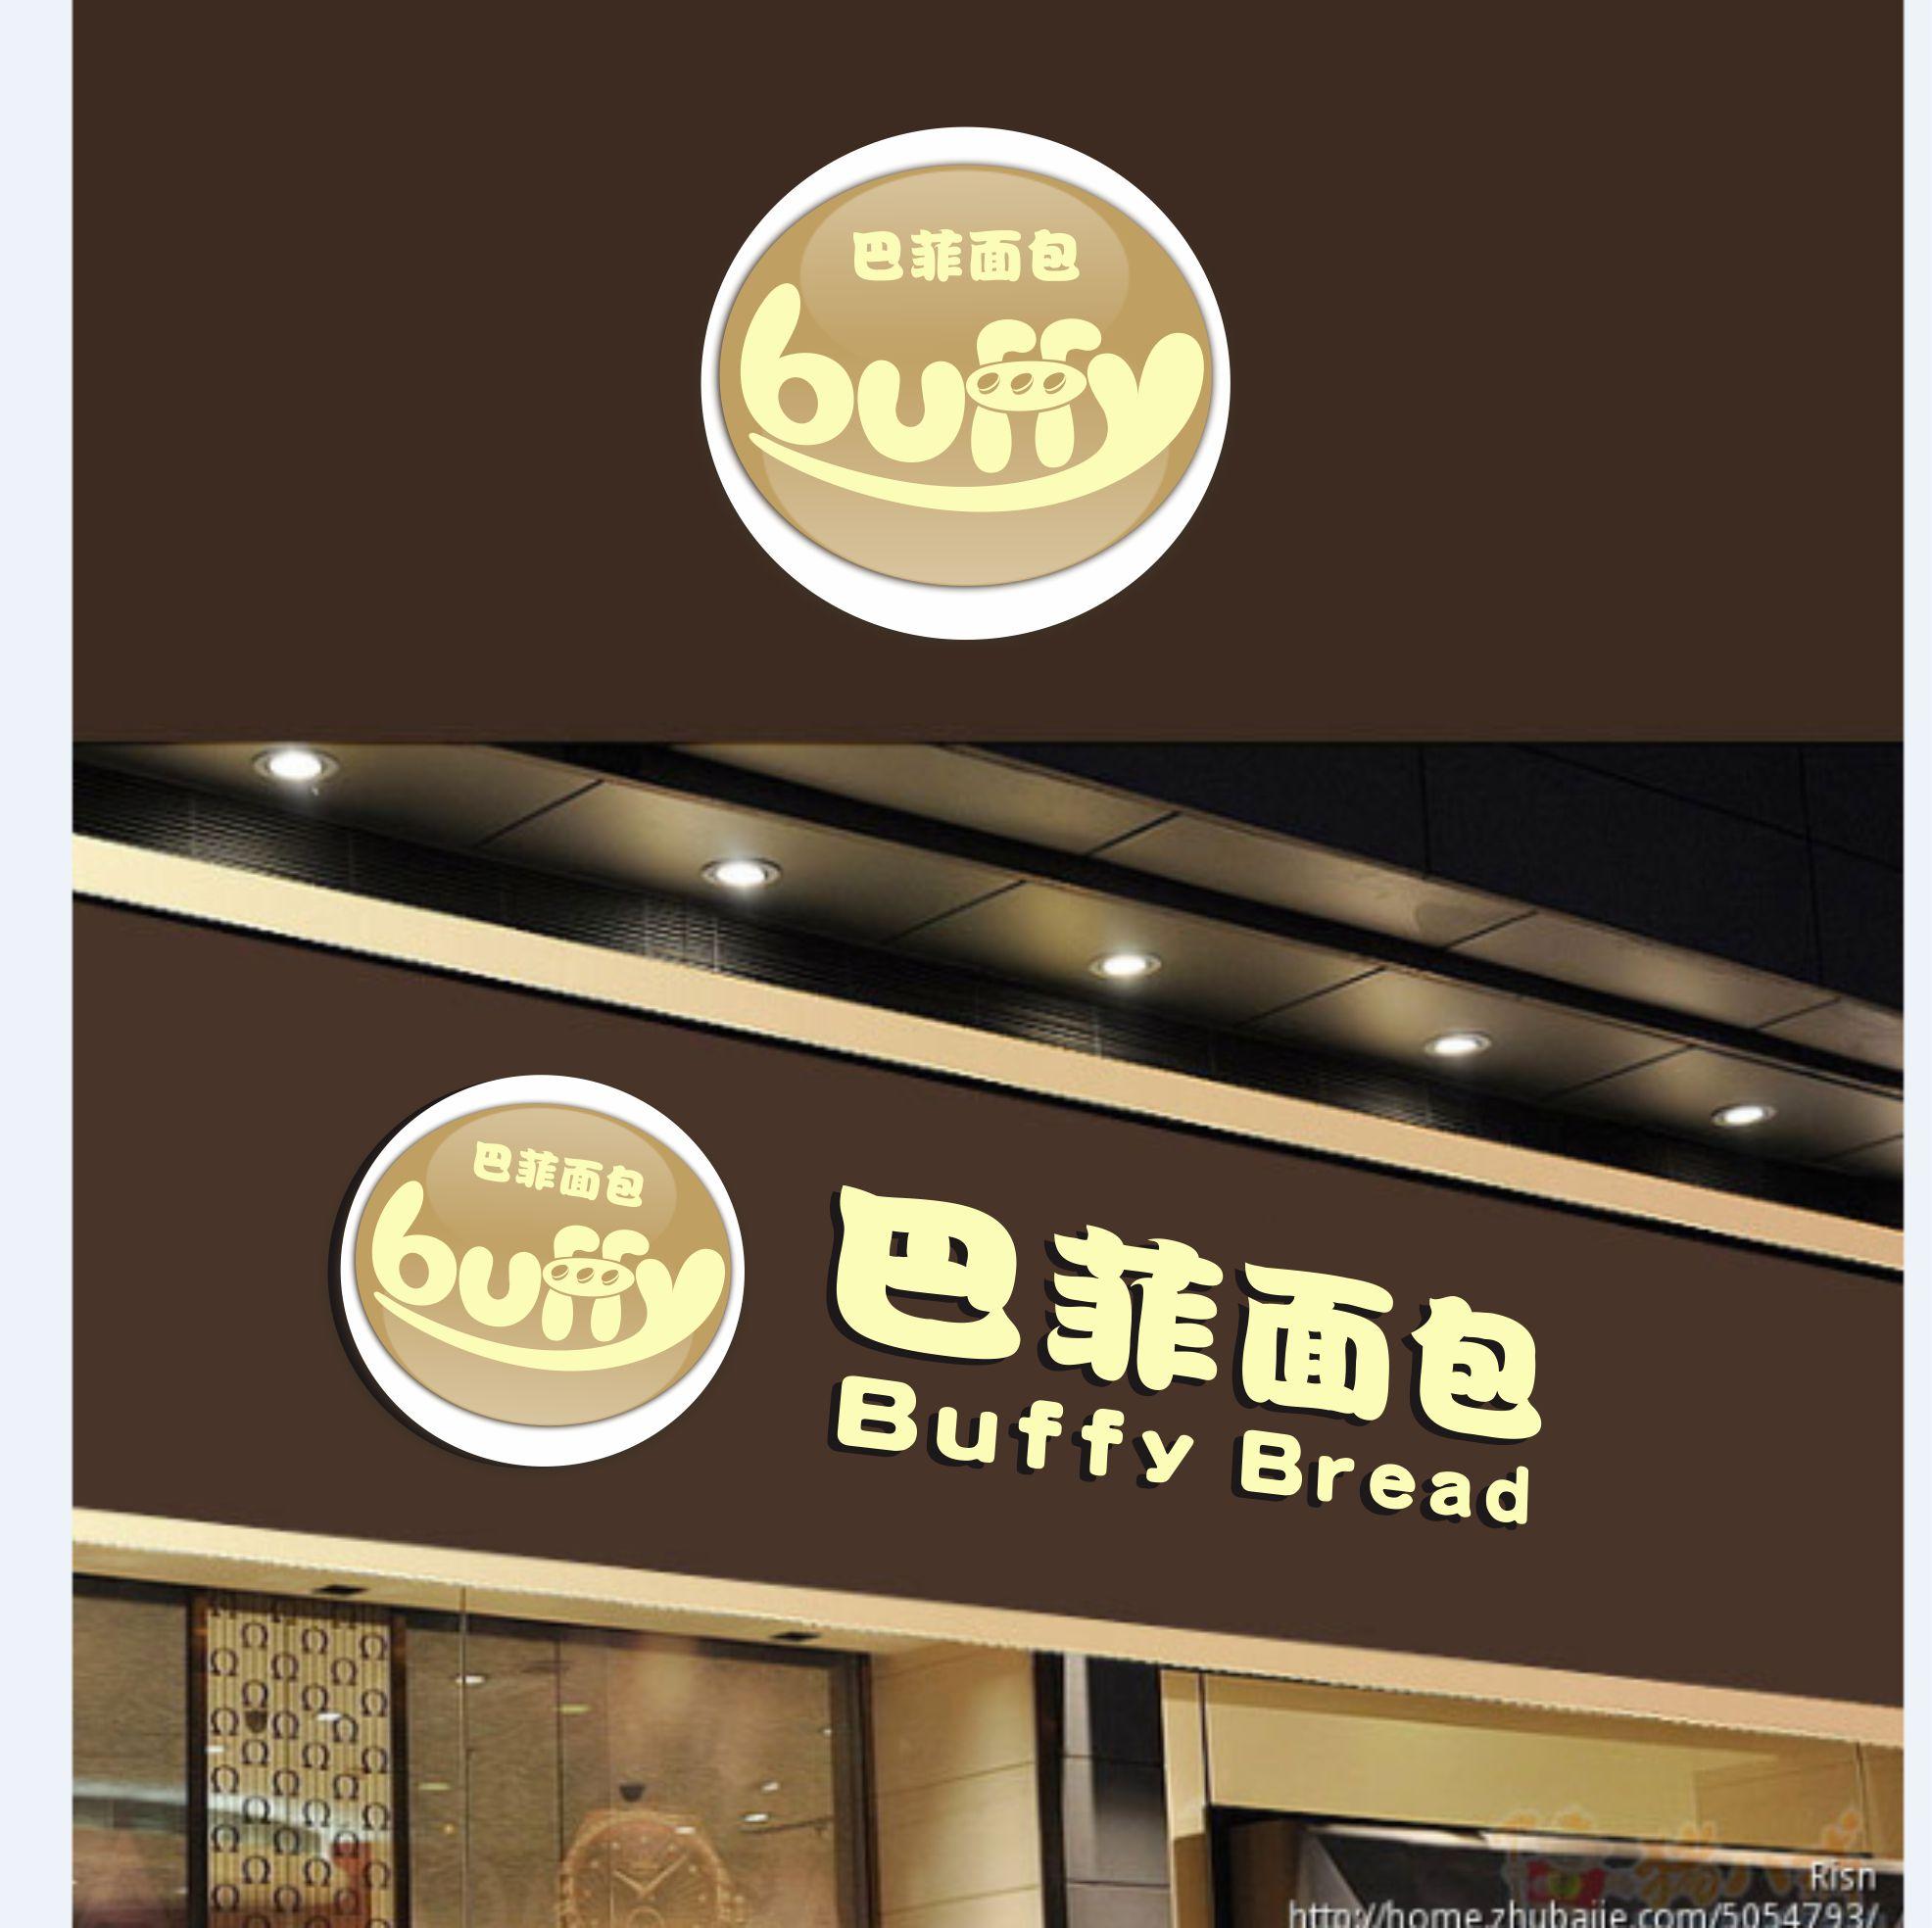 """面包店名称:巴菲面包店 设计定位:健康、时尚、小资、简洁 名称释义:巴菲取自英文译音perfect"""" """"puffy""""""""buffy""""""""buffait"""",每一个单词读音都可音译为巴菲;也可以把以上单词组合起来翻译为:完美蓬松的棕黄色自助餐(面包)。 设计要求:LOGO主要应用于店招门头、包装袋、器皿等;请展示一个店招门头的形象;给出标准字、标准色;可以考虑把perfect puffy buffy buffait放到LOGO"""